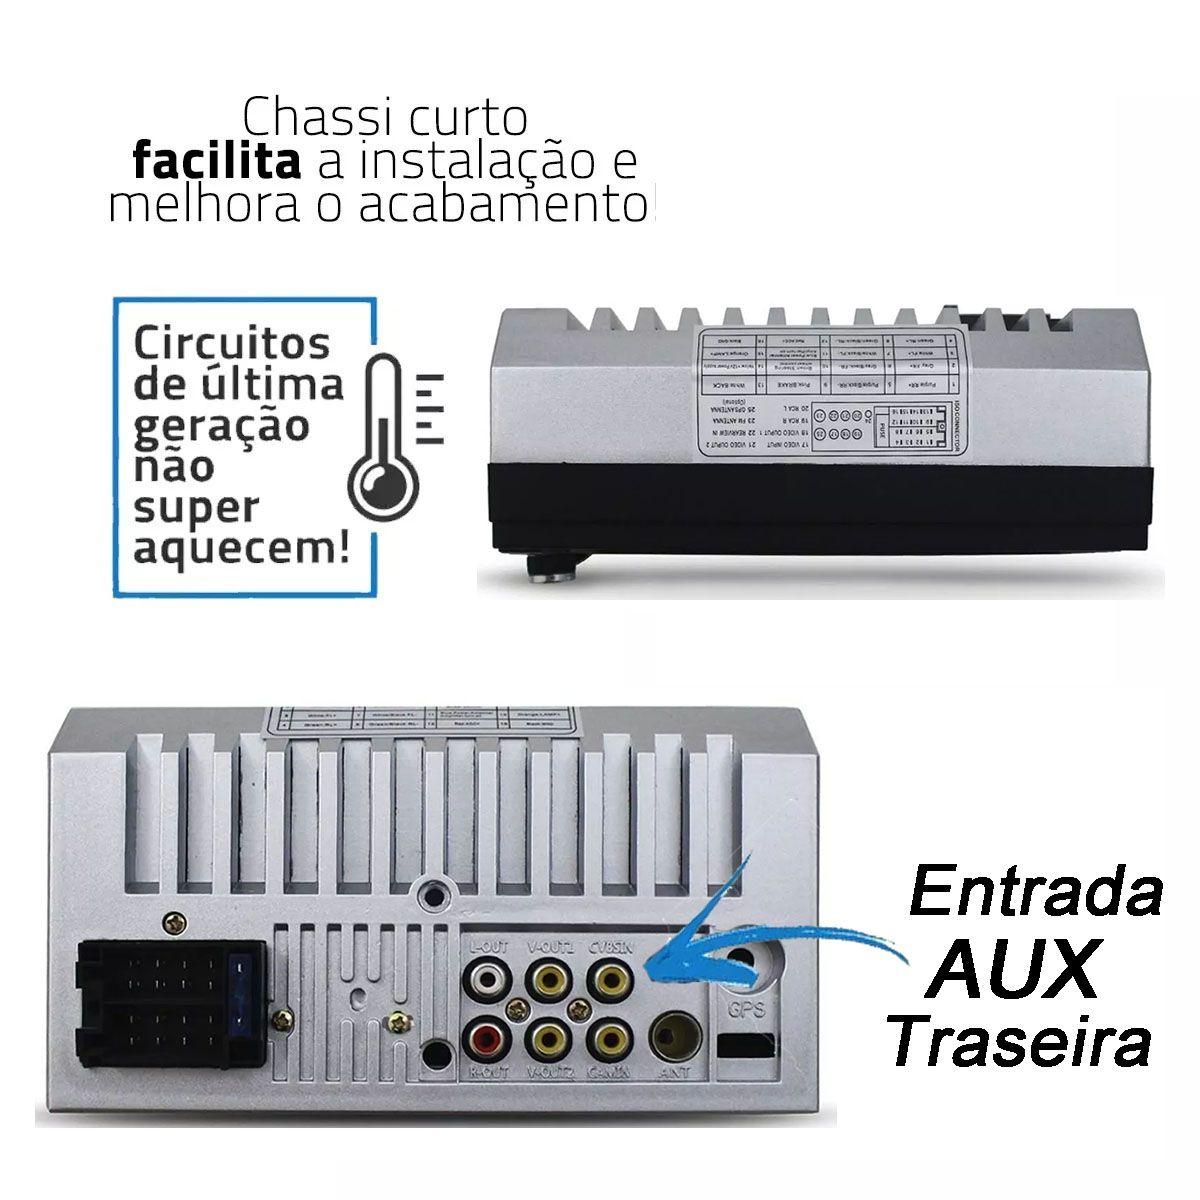 Central Multimídia Automotiva 7 Polegadas + Moldura Preta para Ford Ka 08 a 12 Focus 01 a 08 Escort 98 a 01 Ranger e F250 00 a 12 USB SD Espelhamento 2 Din First Option